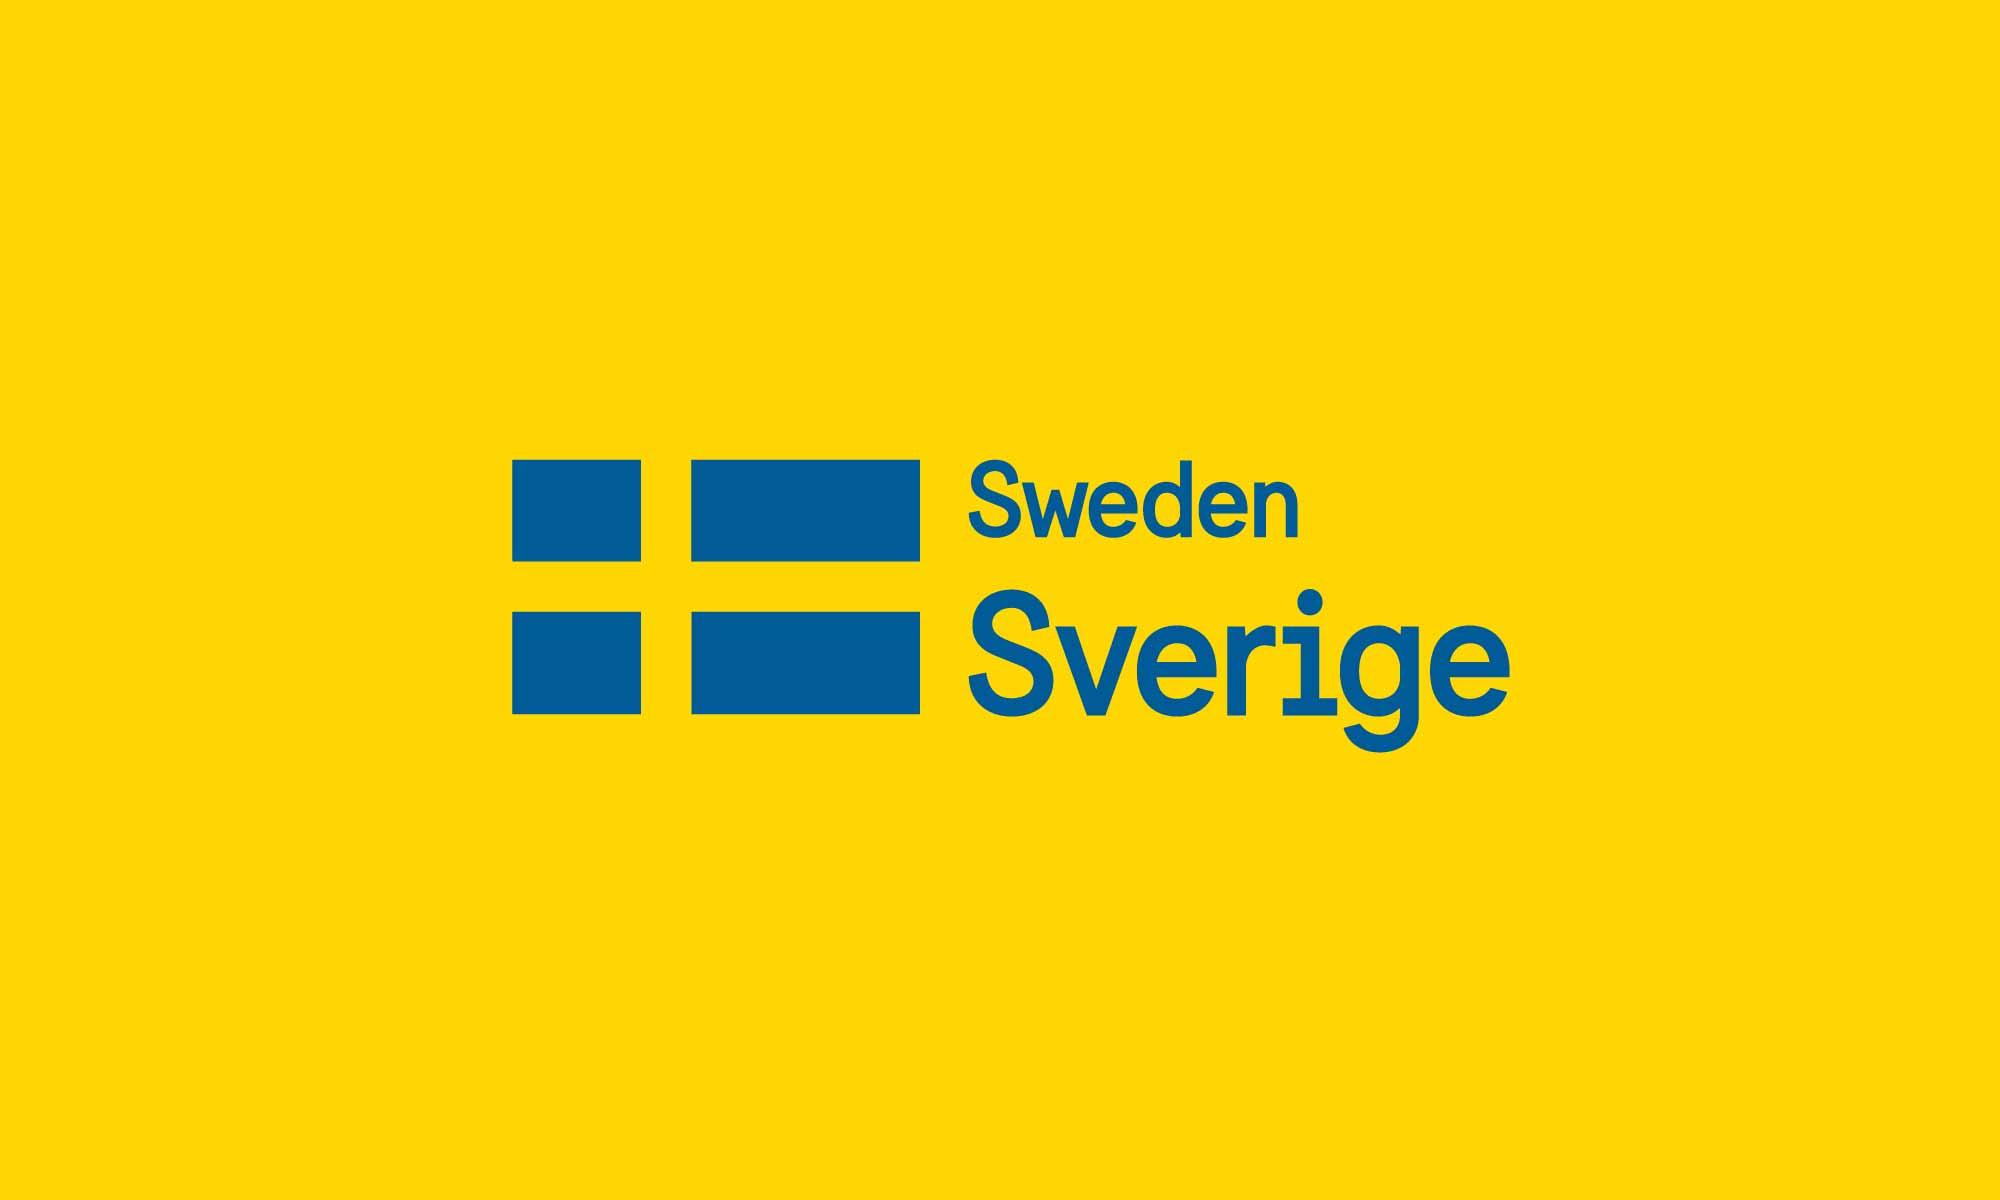 Szwecja ma swój narodowy font, aco ma Polska?